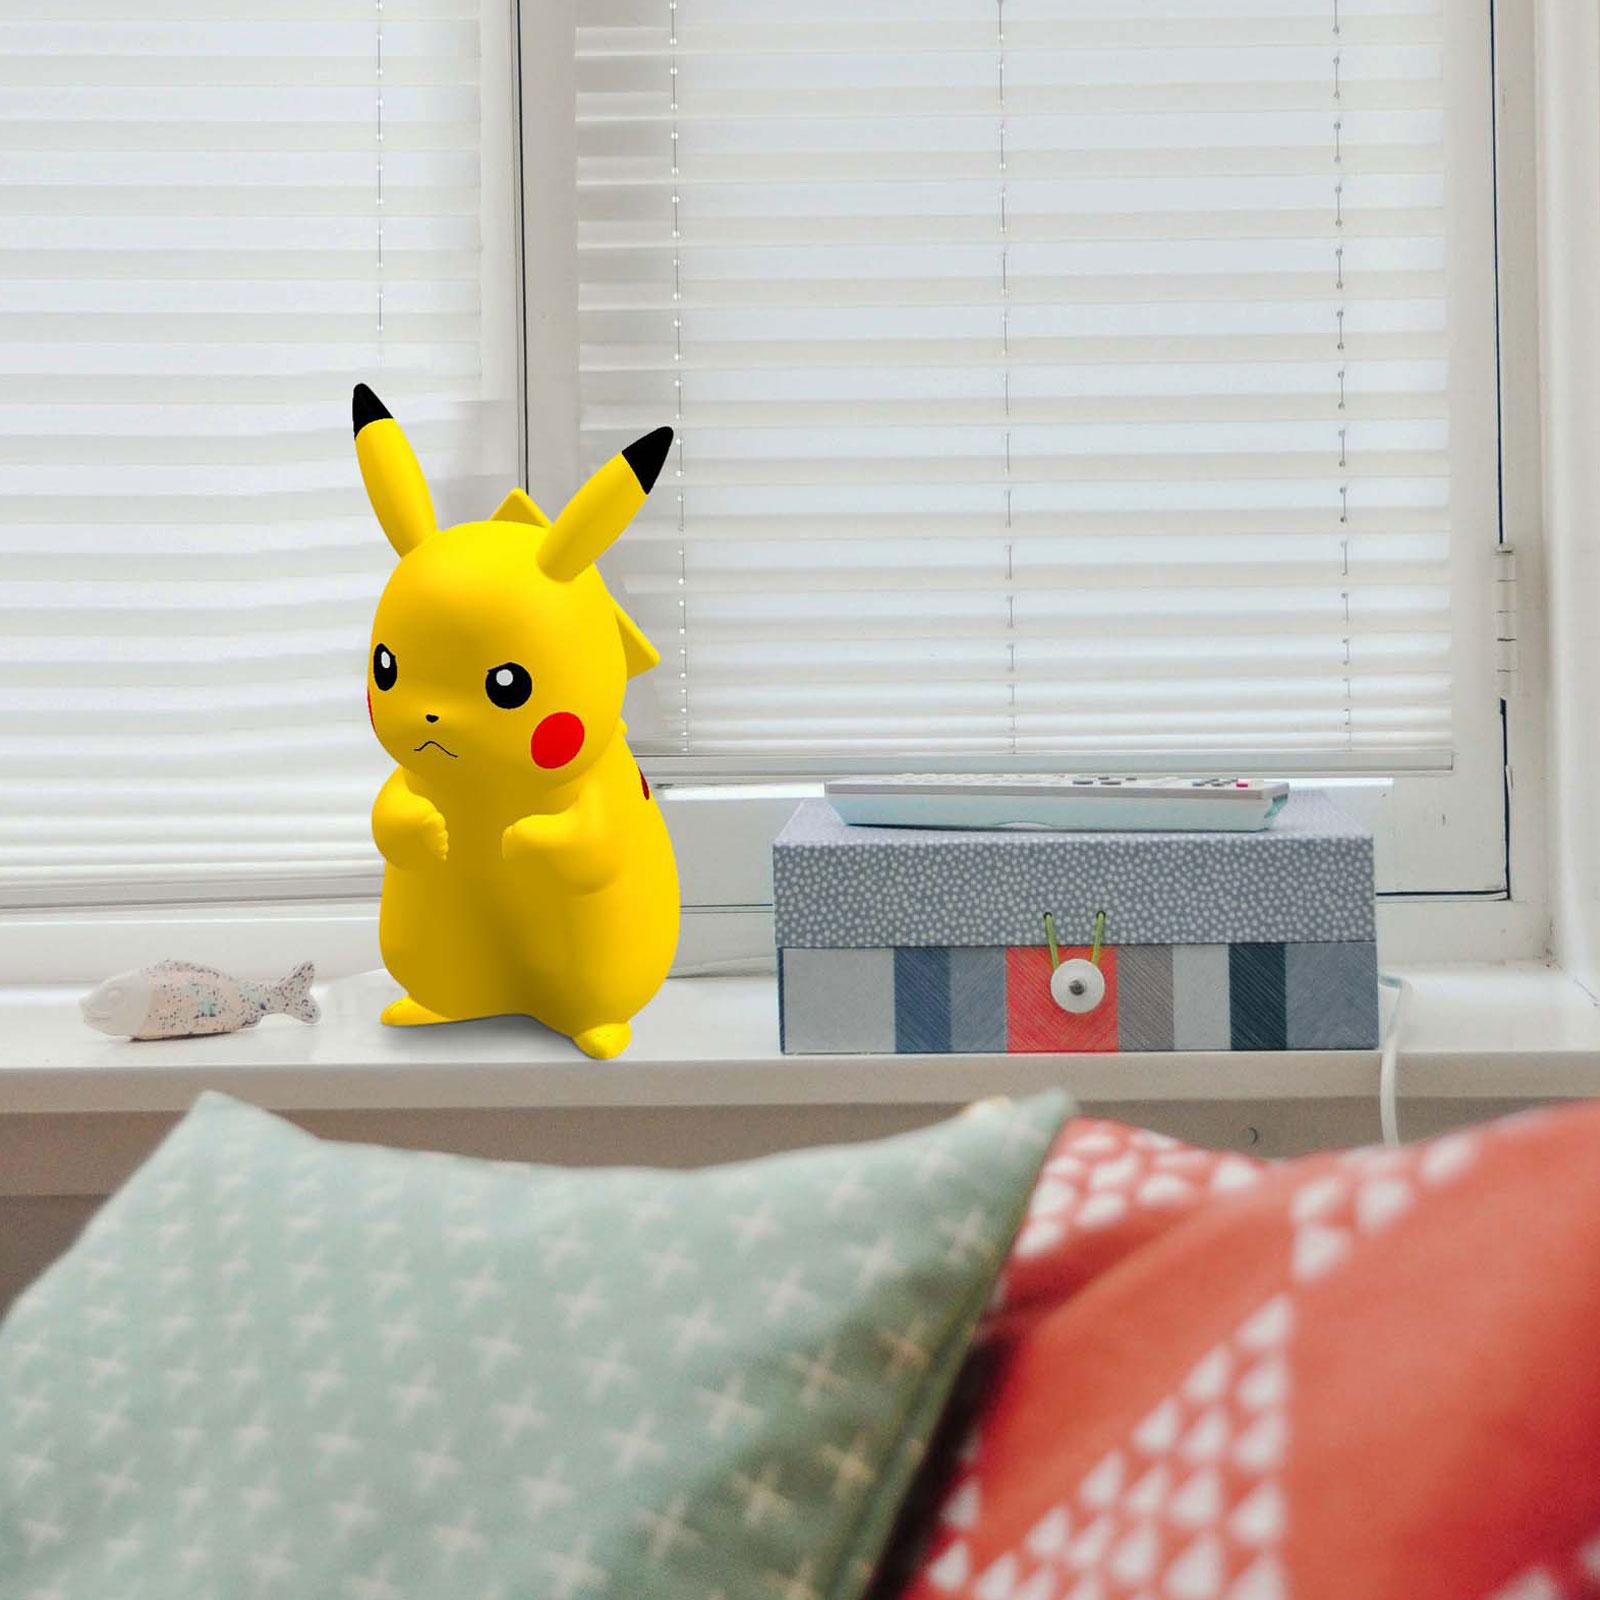 Comparer Teknofun Pikachu Cm Led Avec Yvb7gyi6f Lampe 25 QCtsxhdr